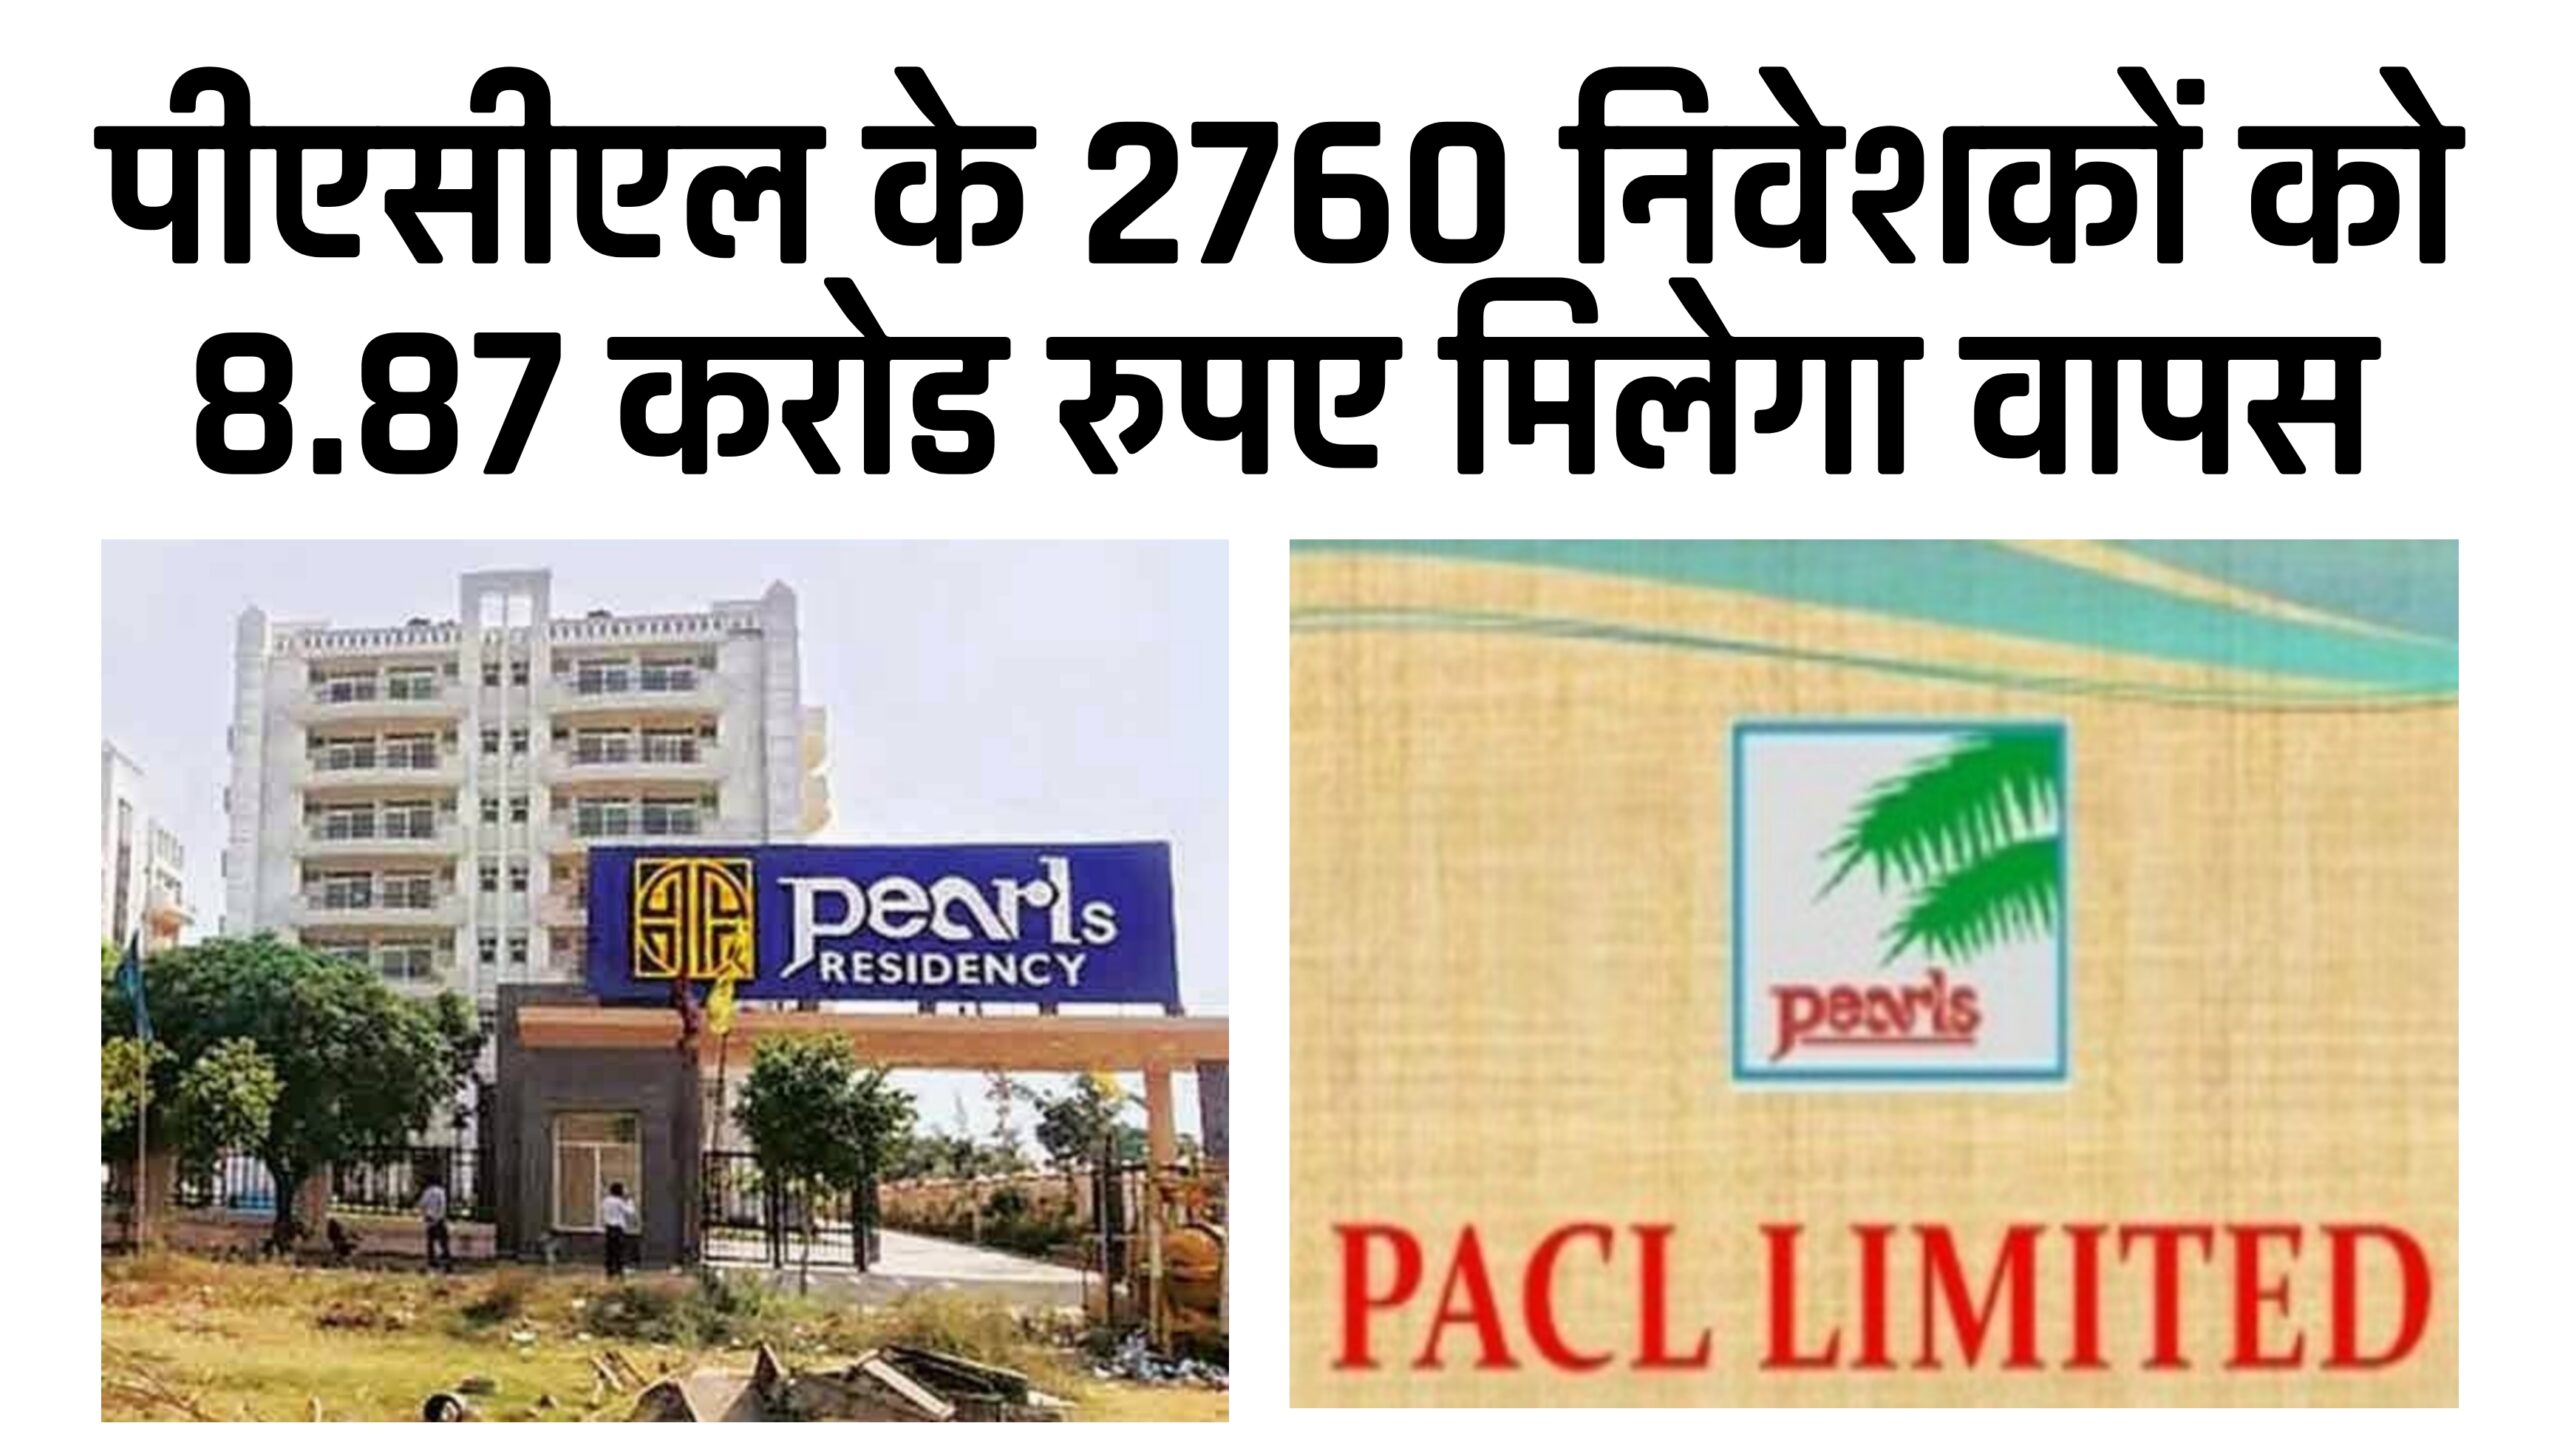 PACL के 2760 निवेशकों को 8.87 करोड़ रु. मिलेगा वापस